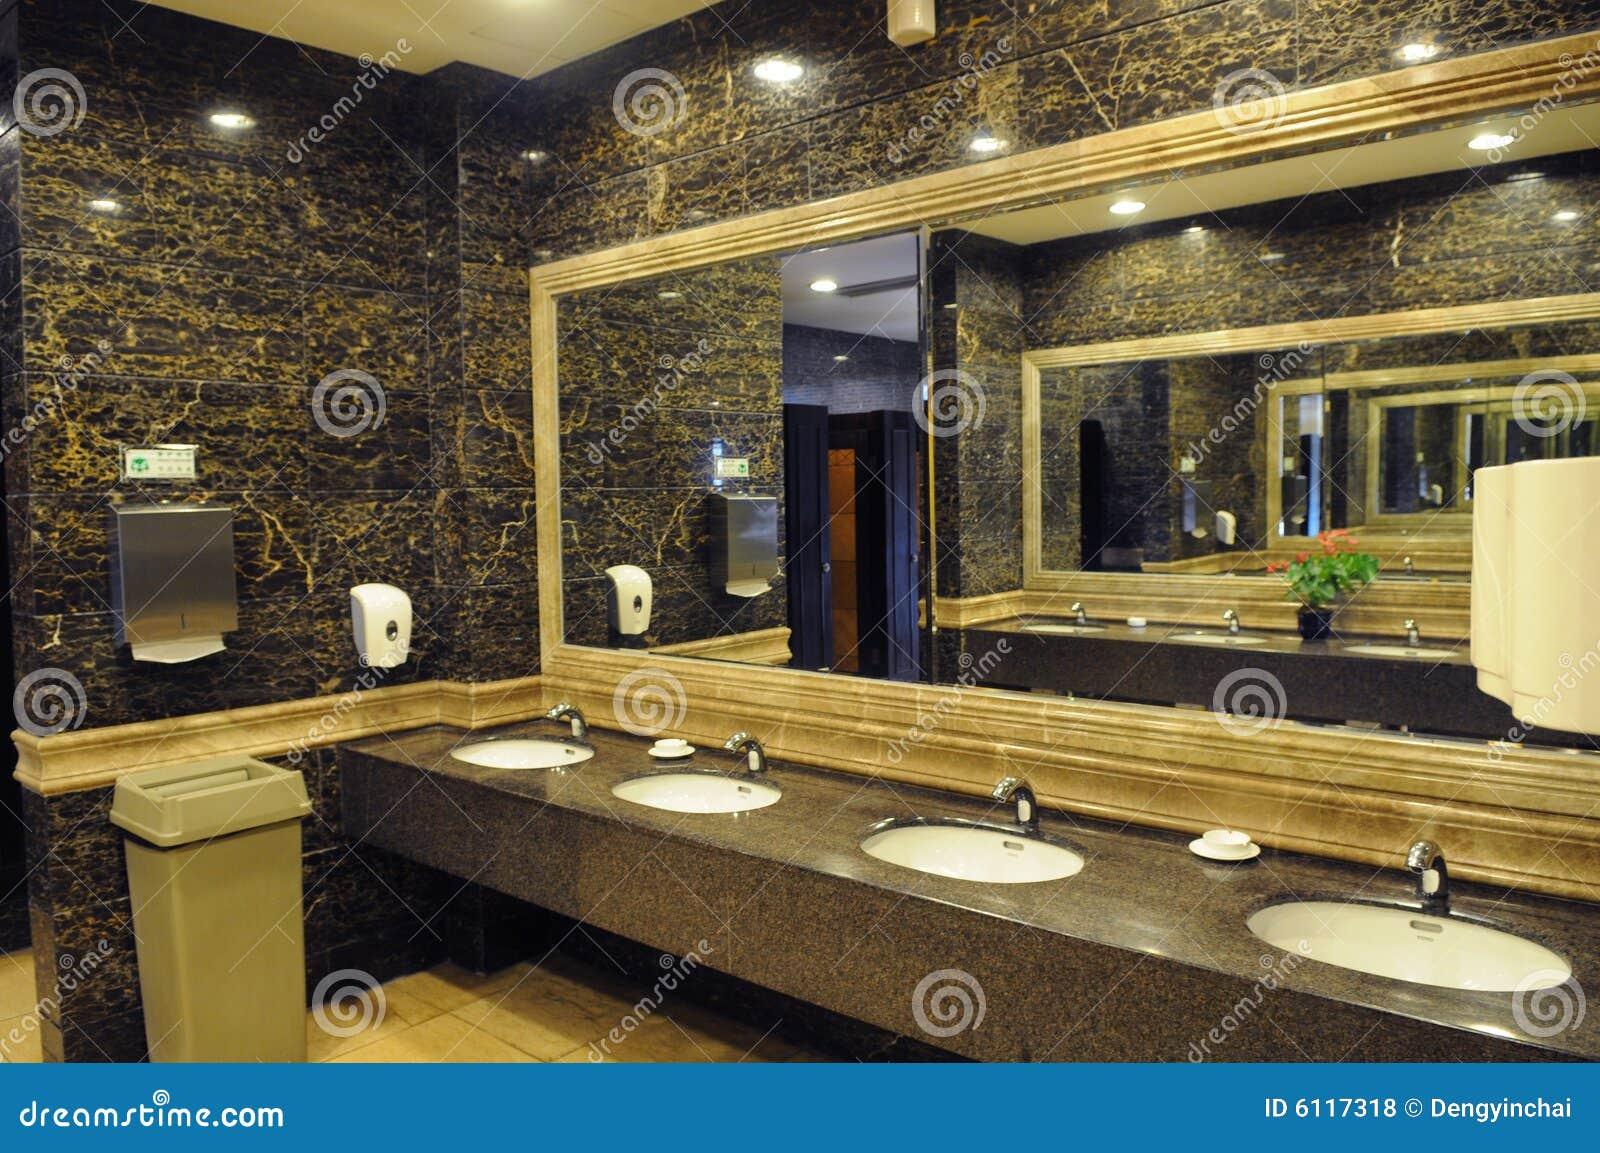 toilette publique d 39 h tel de luxe photo stock image du int rieur pi ce 6117318. Black Bedroom Furniture Sets. Home Design Ideas